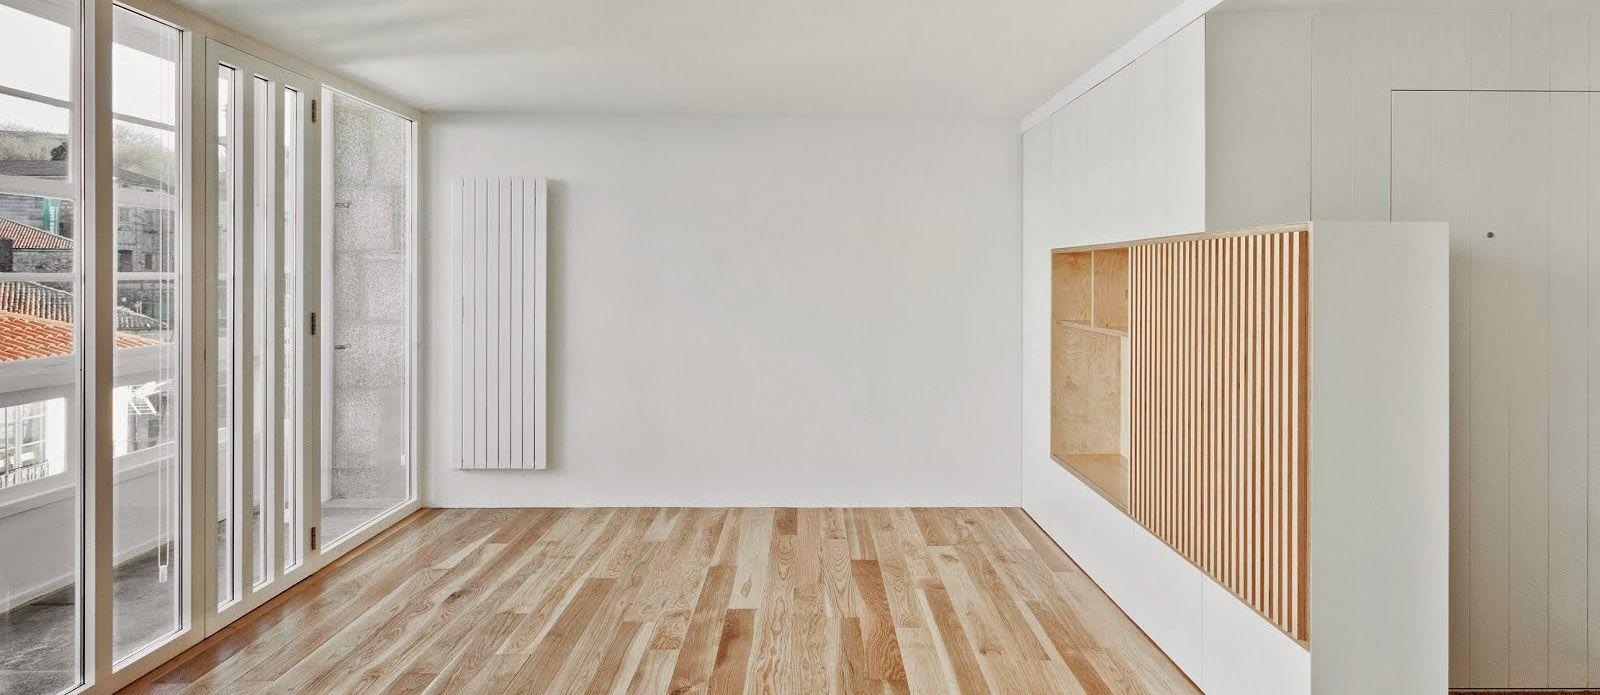 Reformas interiores madrid top reforma de piso integral for Reformas interiores